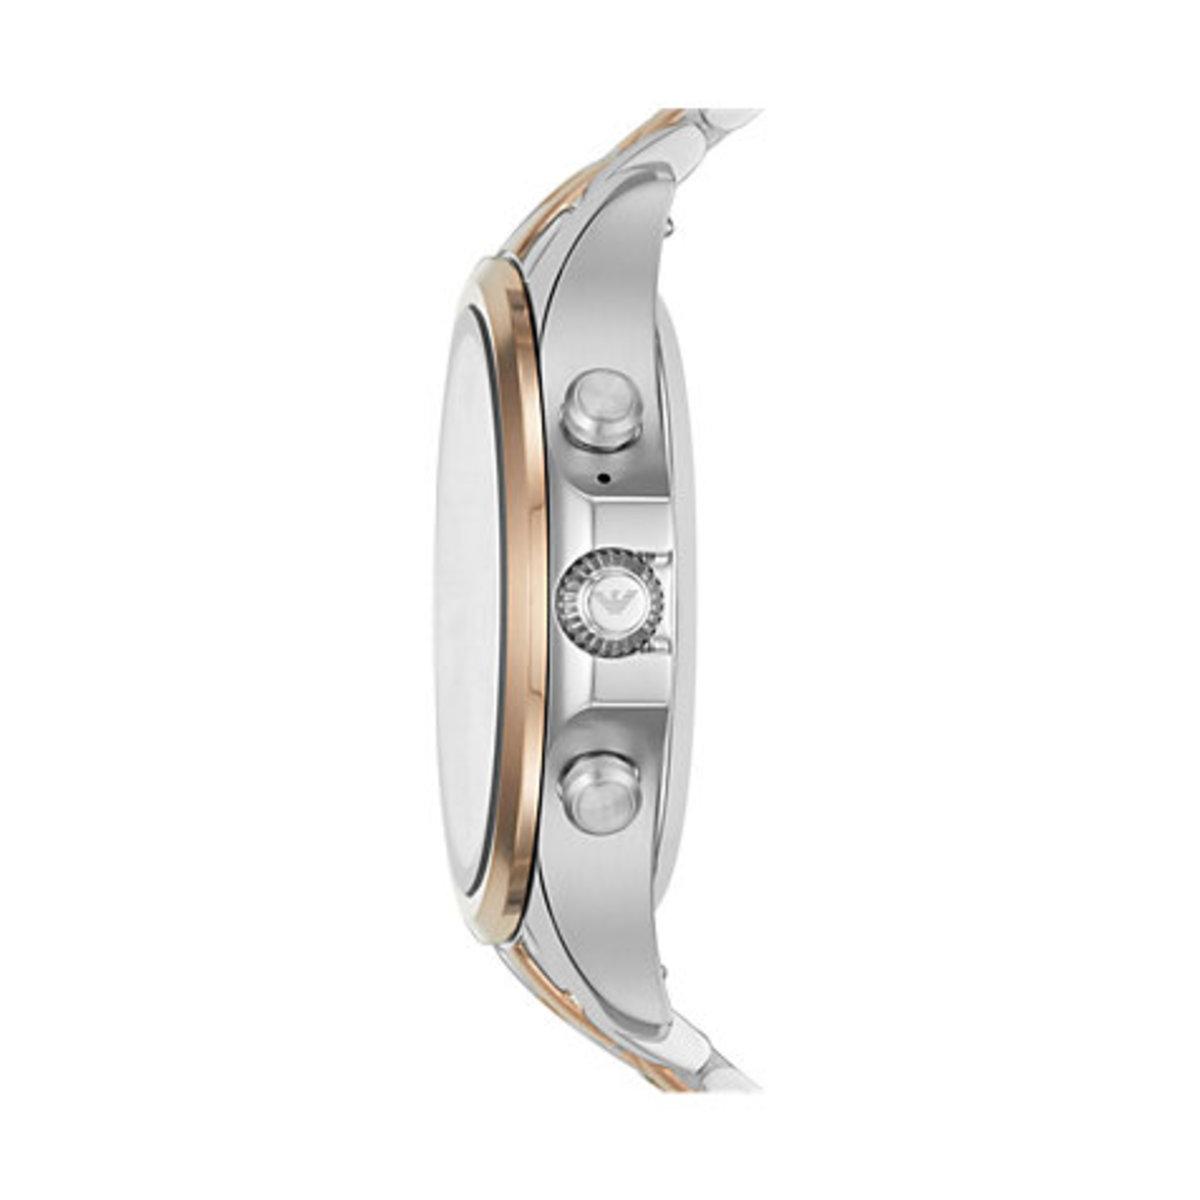 Bild 3 von Emporio Armani Connected Smartwatch ART5001